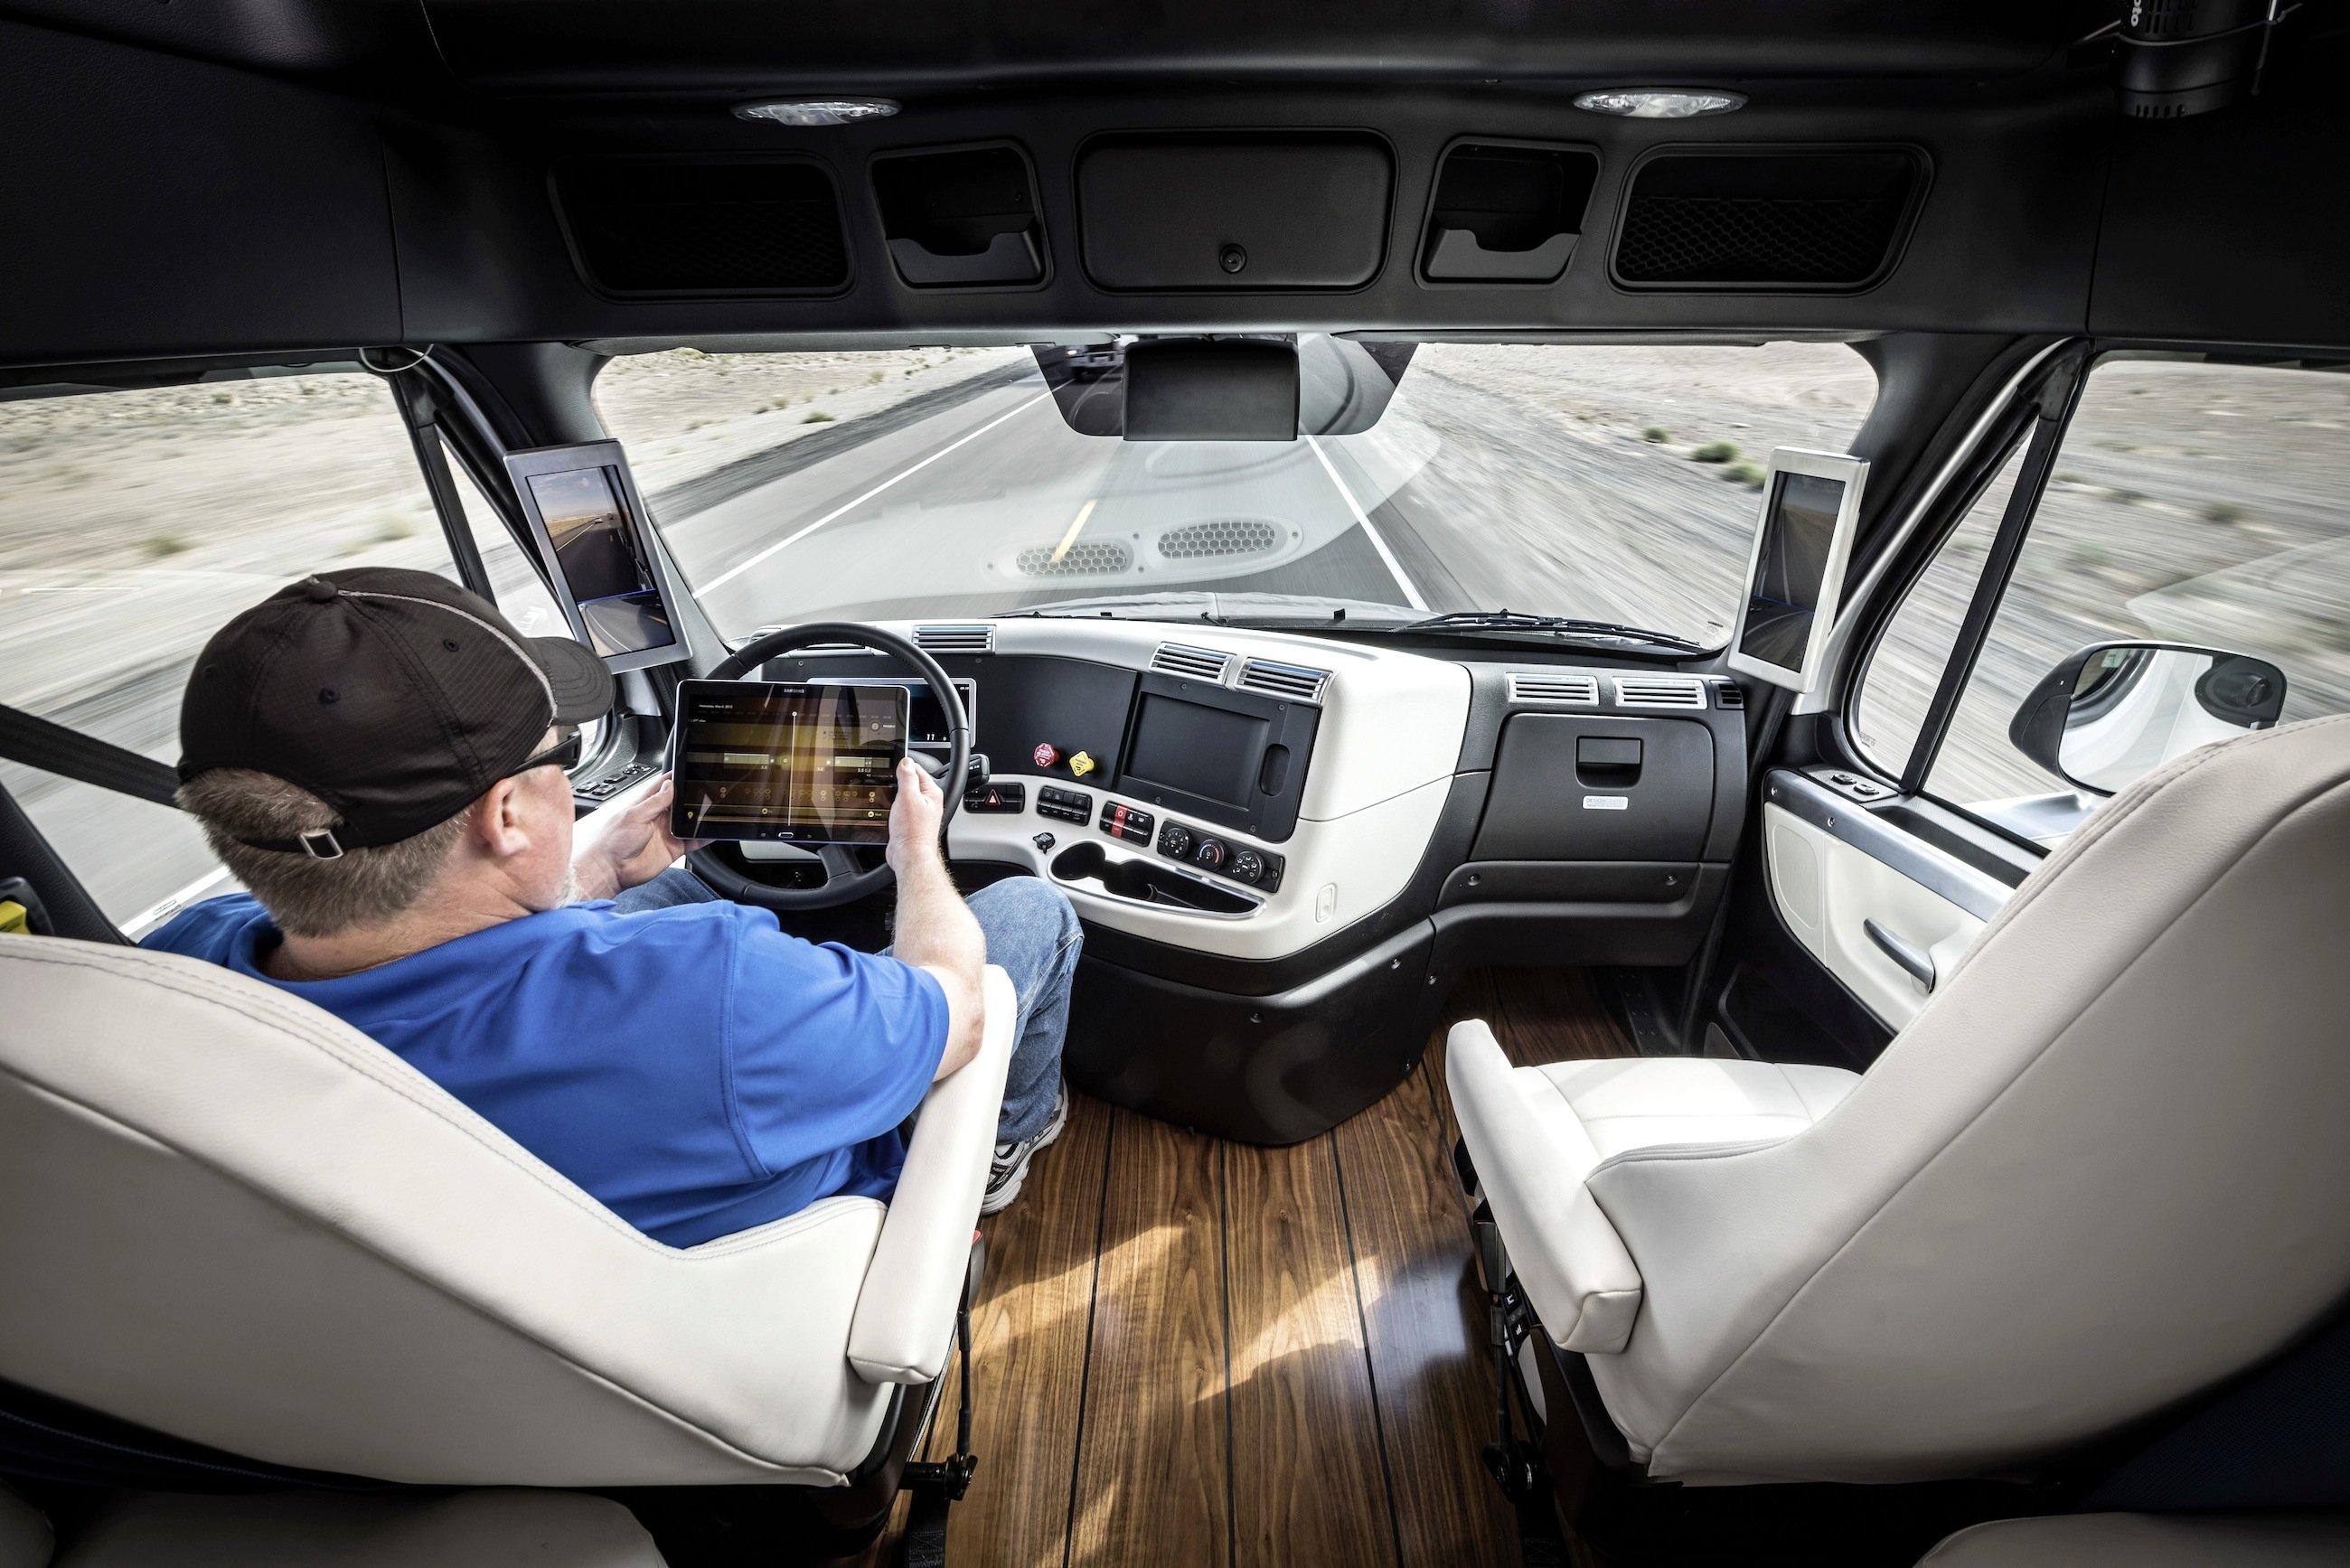 Im neuen Freightliner Inspiration Truck kann sich der Fahrer anderen Dingen widmen, sobald er auf einem Highway den Autopiloten eingeschaltet hat.